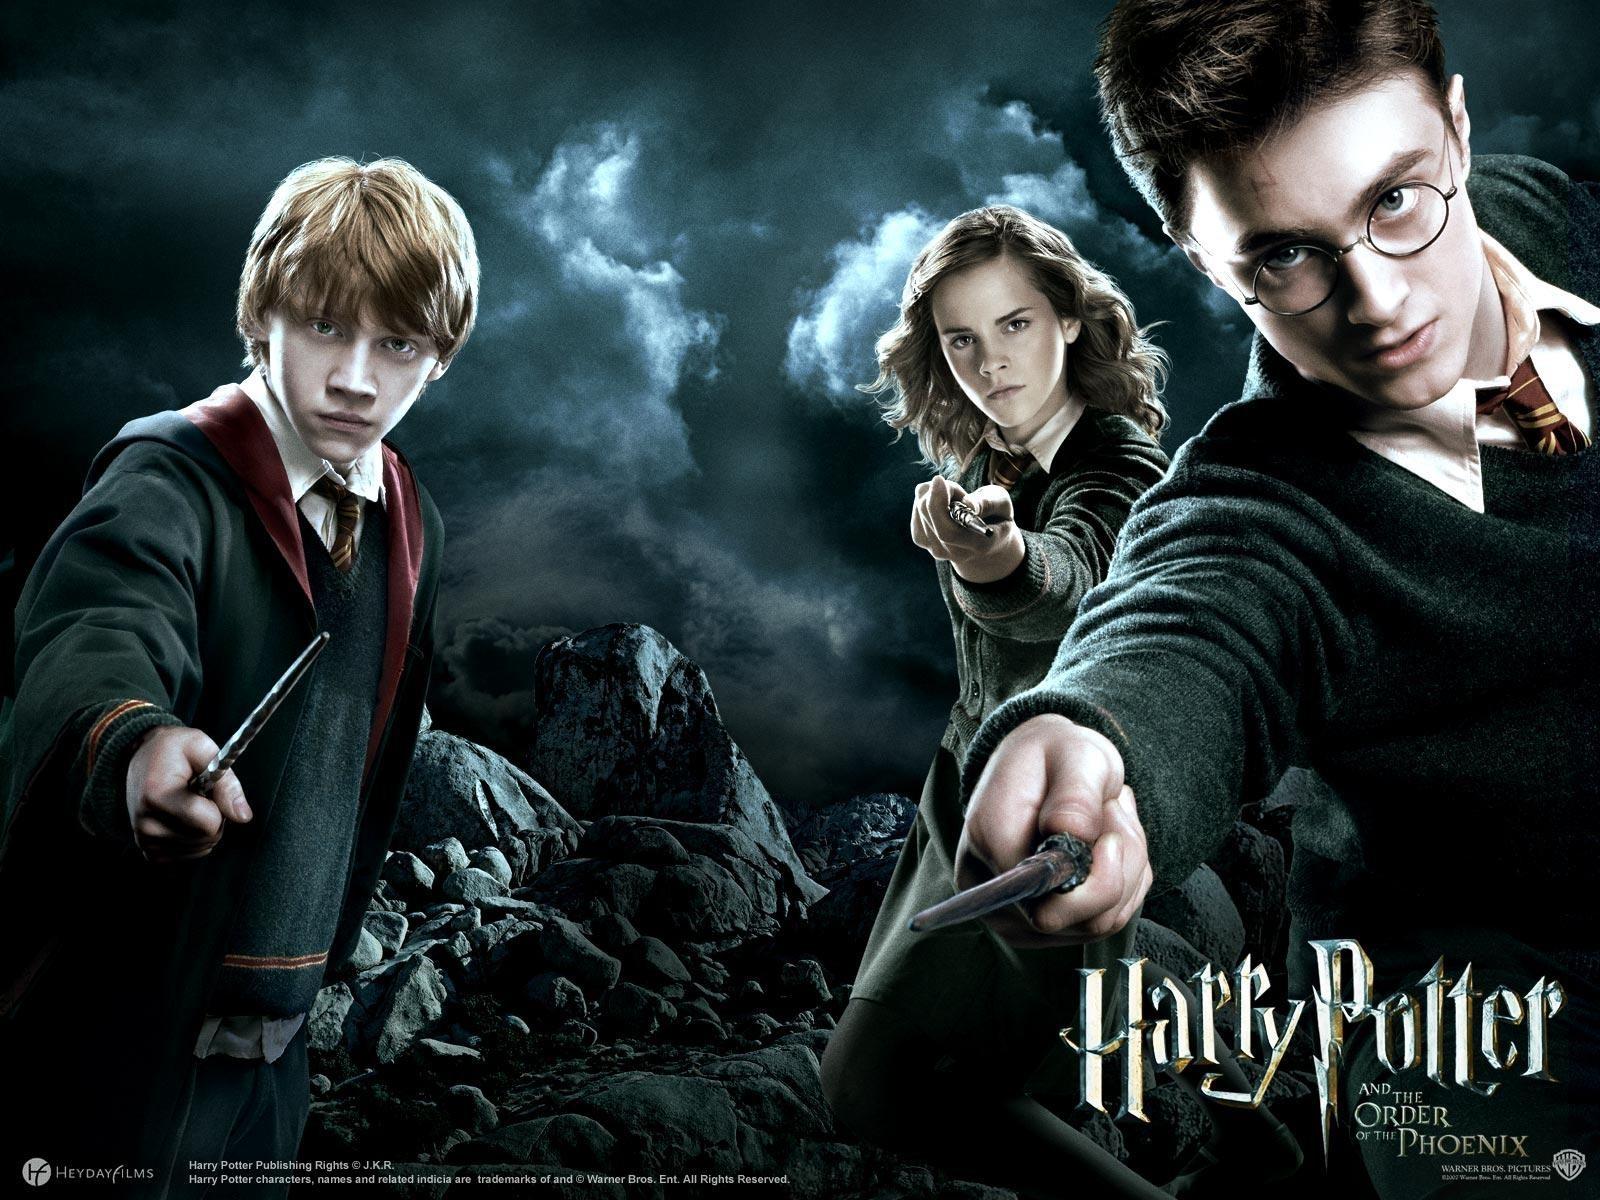 http://4.bp.blogspot.com/-YFIJx6WYEsc/TiZqm0wZTWI/AAAAAAAABos/tHmPB9irAe8/s1600/Harry+Potter.jpg